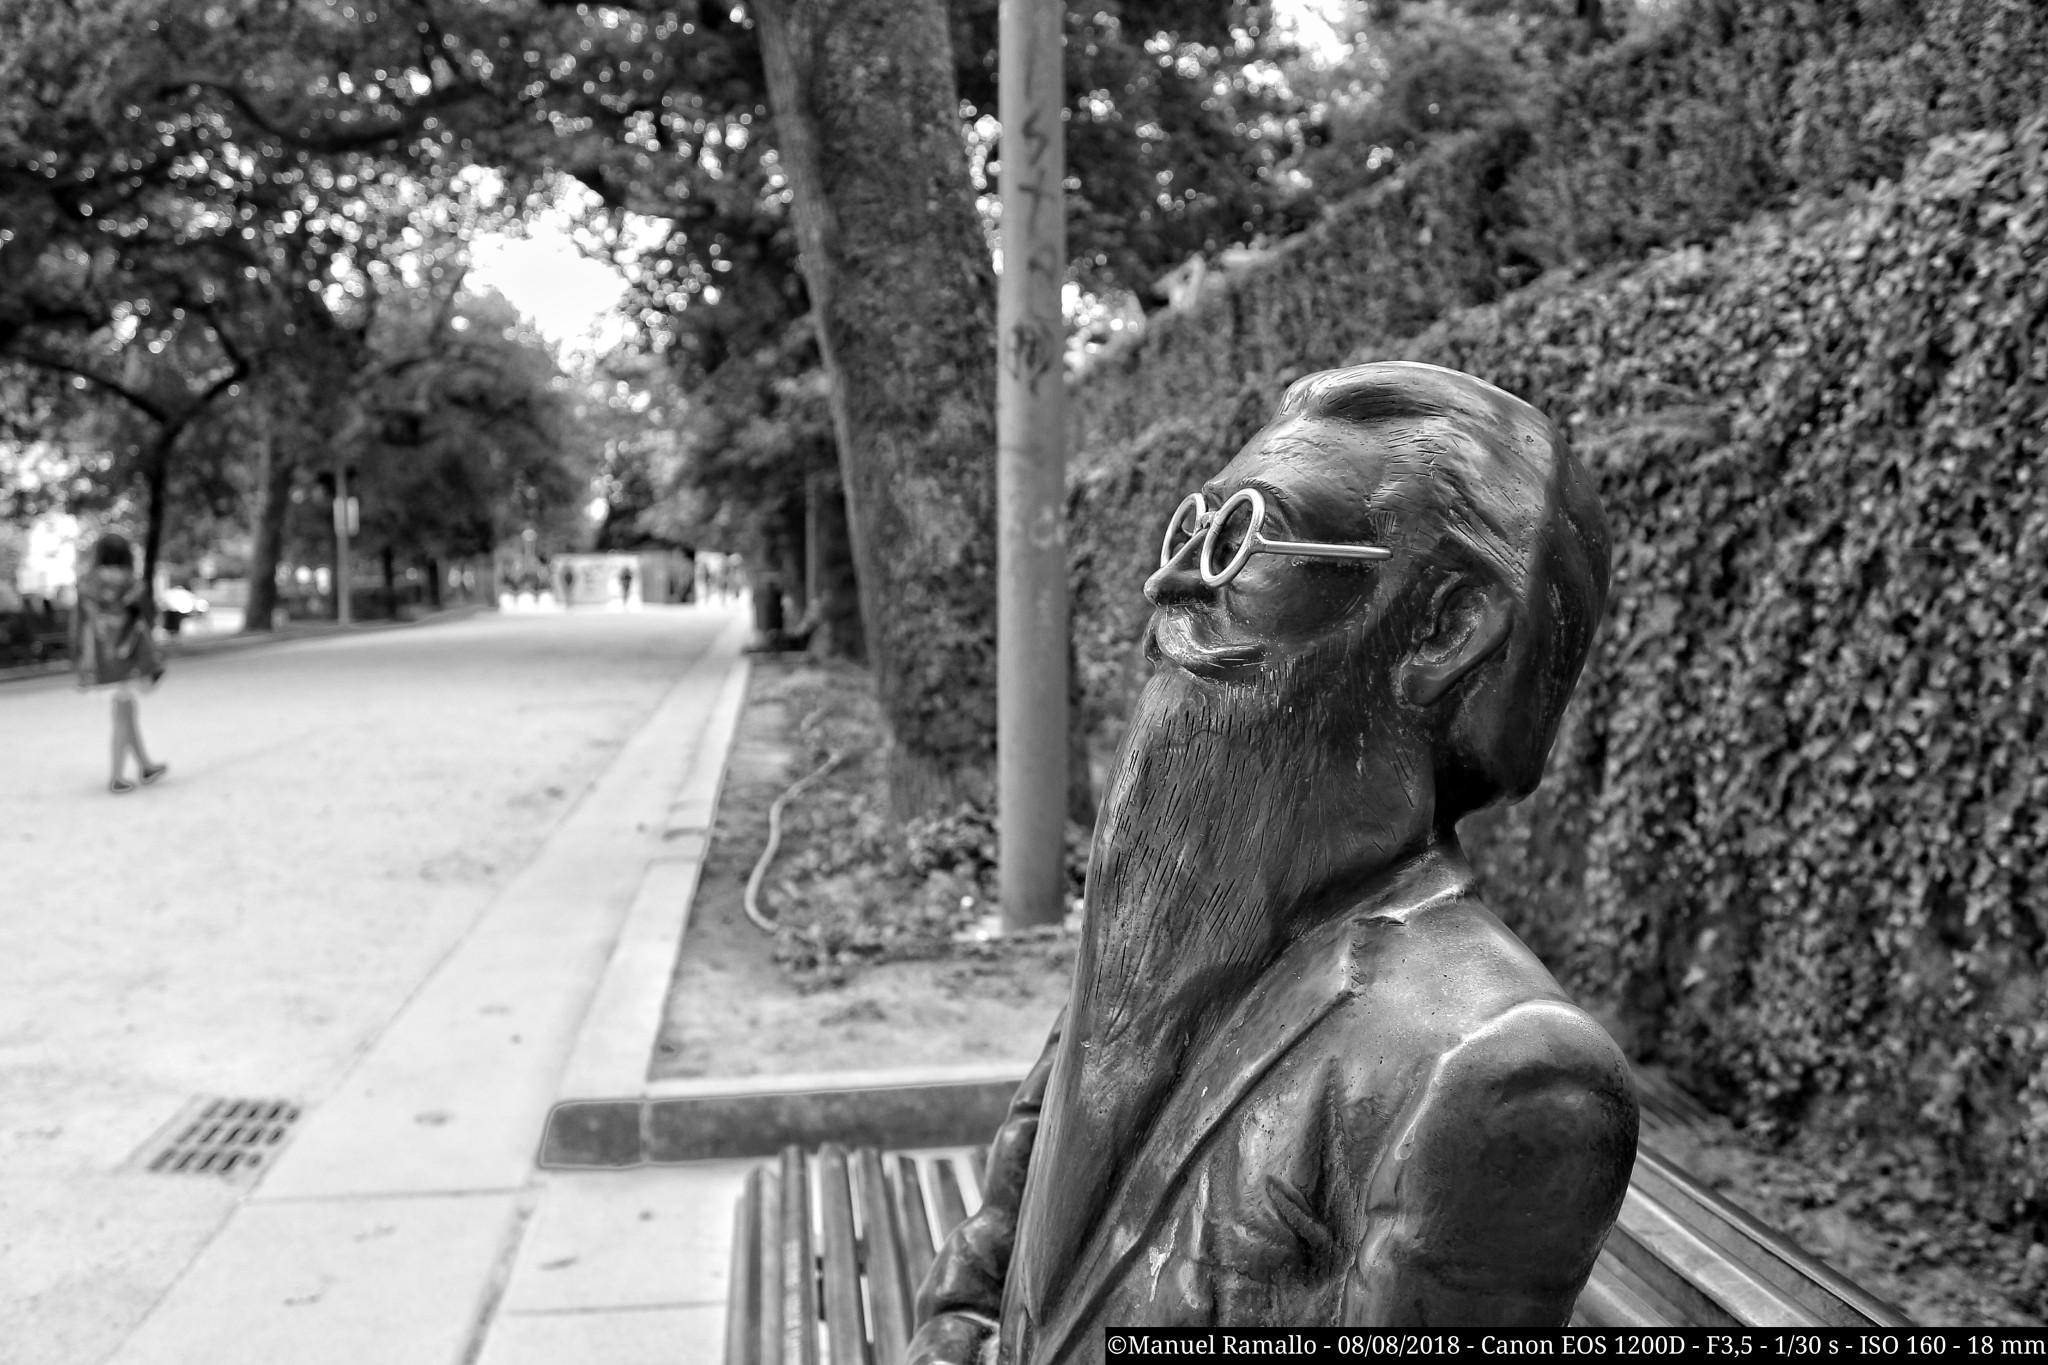 estatua-don-ramon-maria-del-valle-inclan-santiago-de-compostela-blanco-y-negro